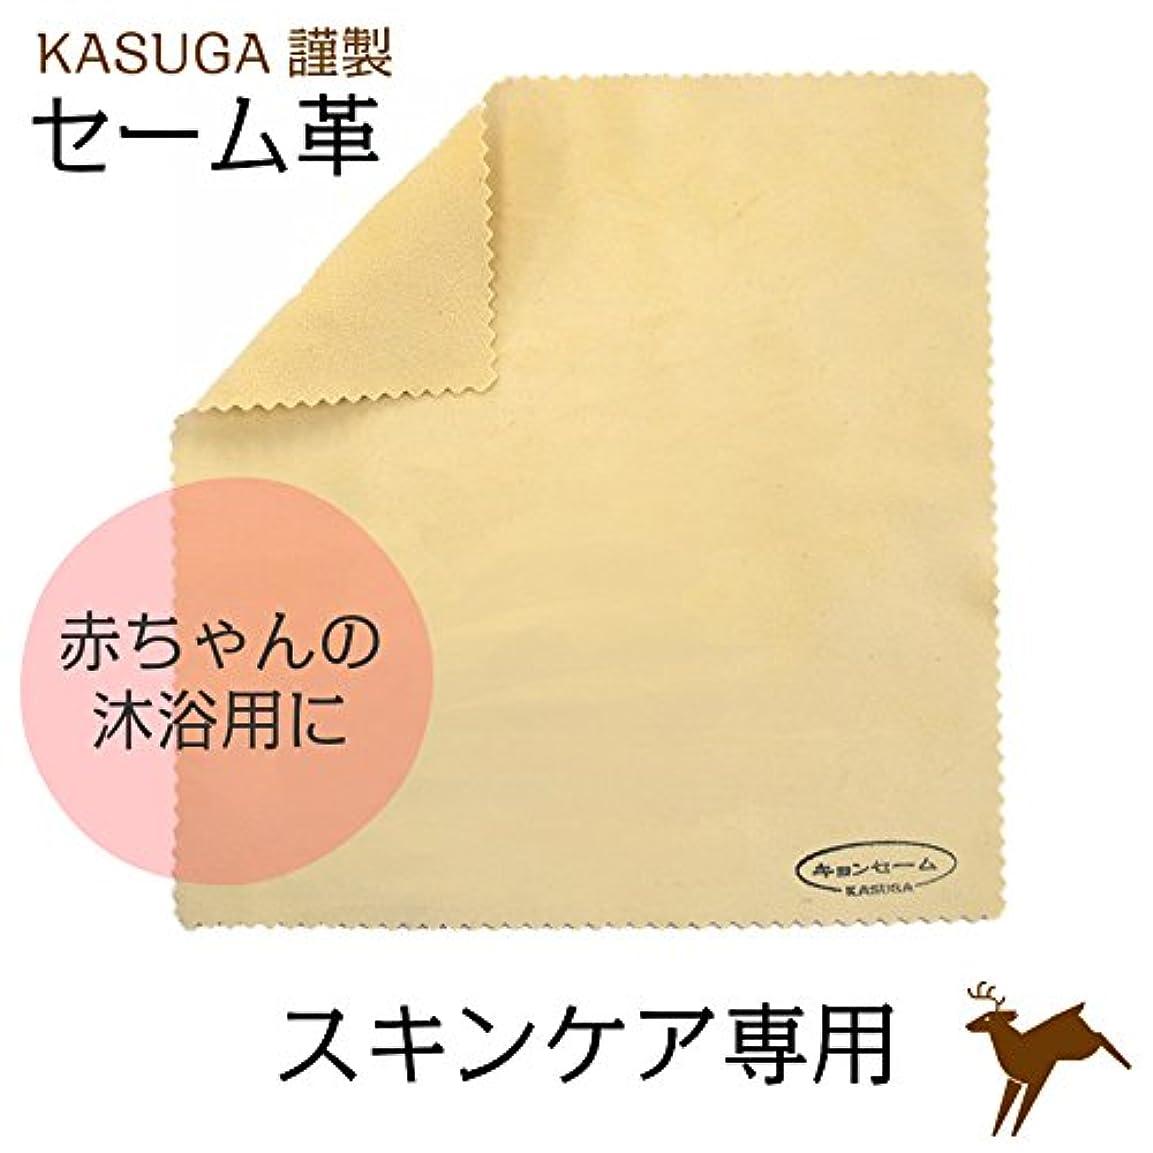 記念日パパ反動春日カスガ謹製 スキンケア専用キョンセーム革 20cm×20cm